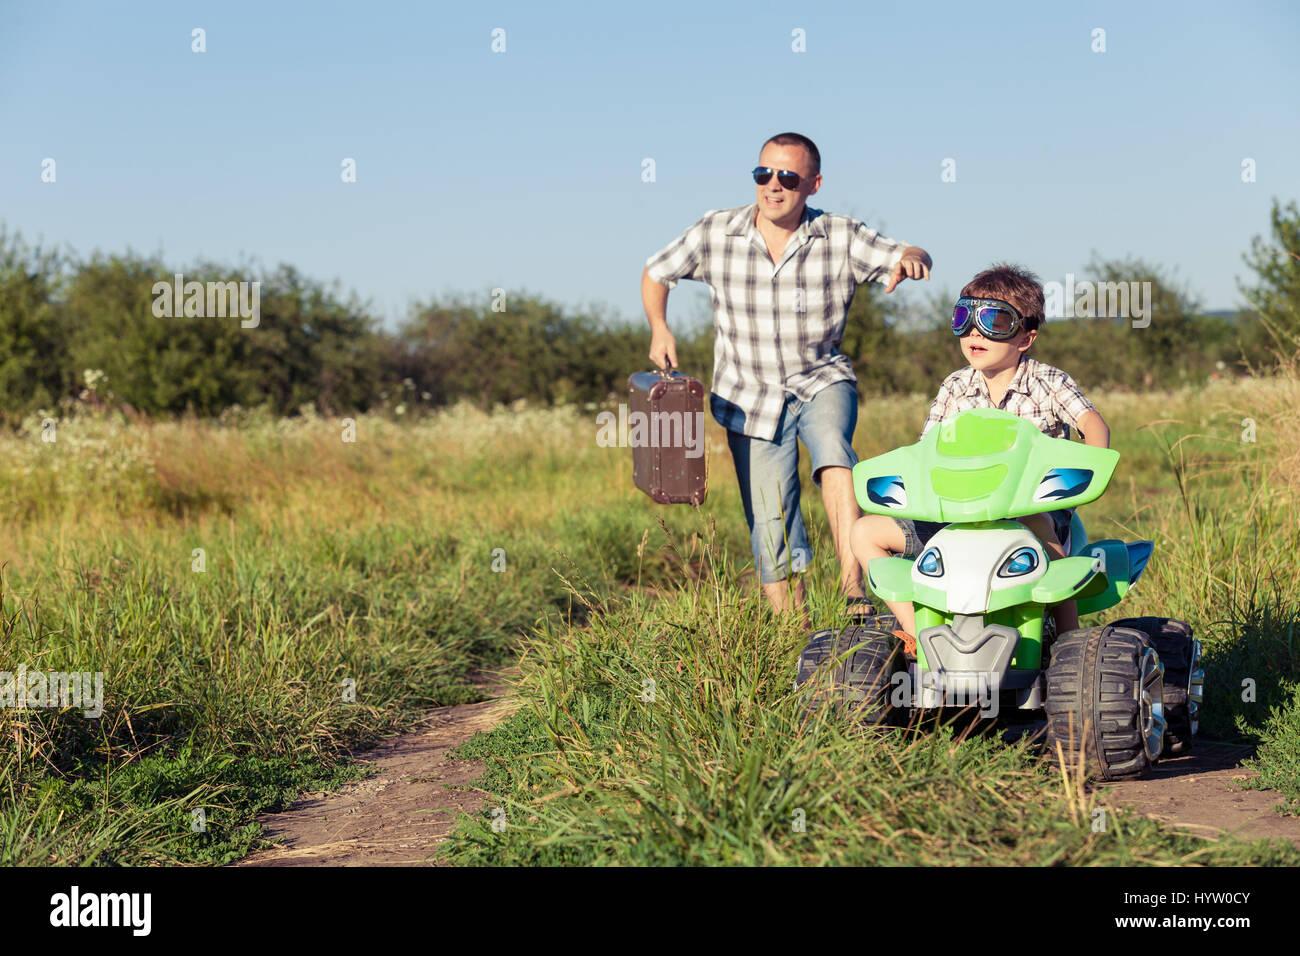 Vater und Sohn spielen auf der Straße an der Tageszeit. Sie fahren mit Quad im Park. Leute, die Spaß an Stockbild